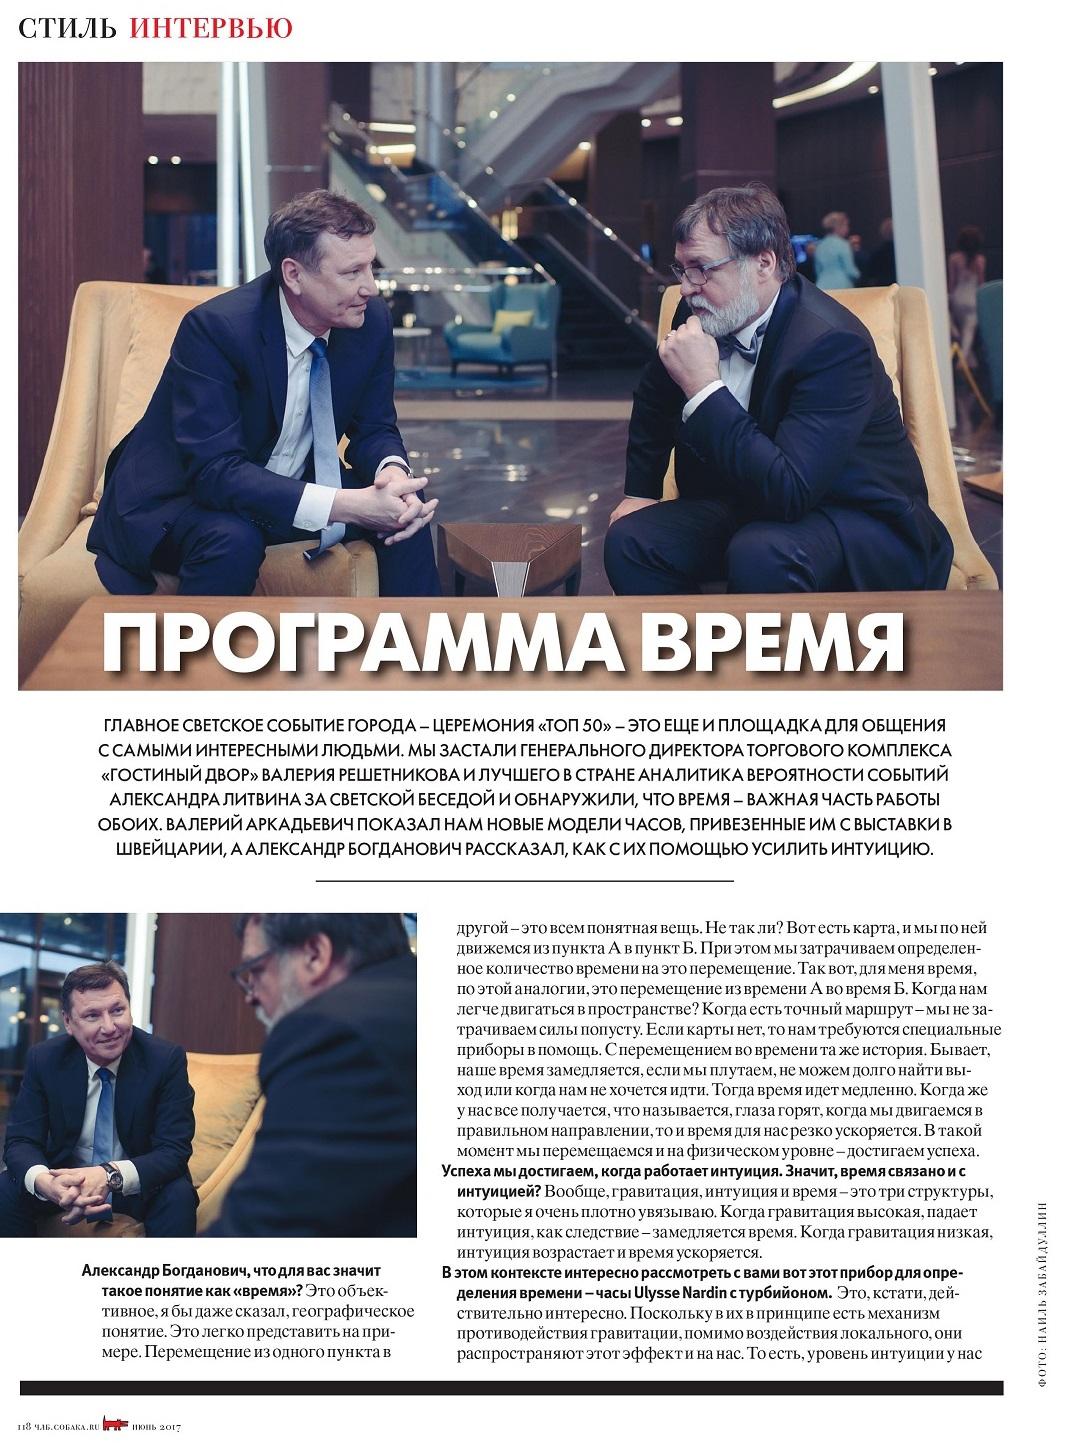 http://a-litvin.livejournal.com/